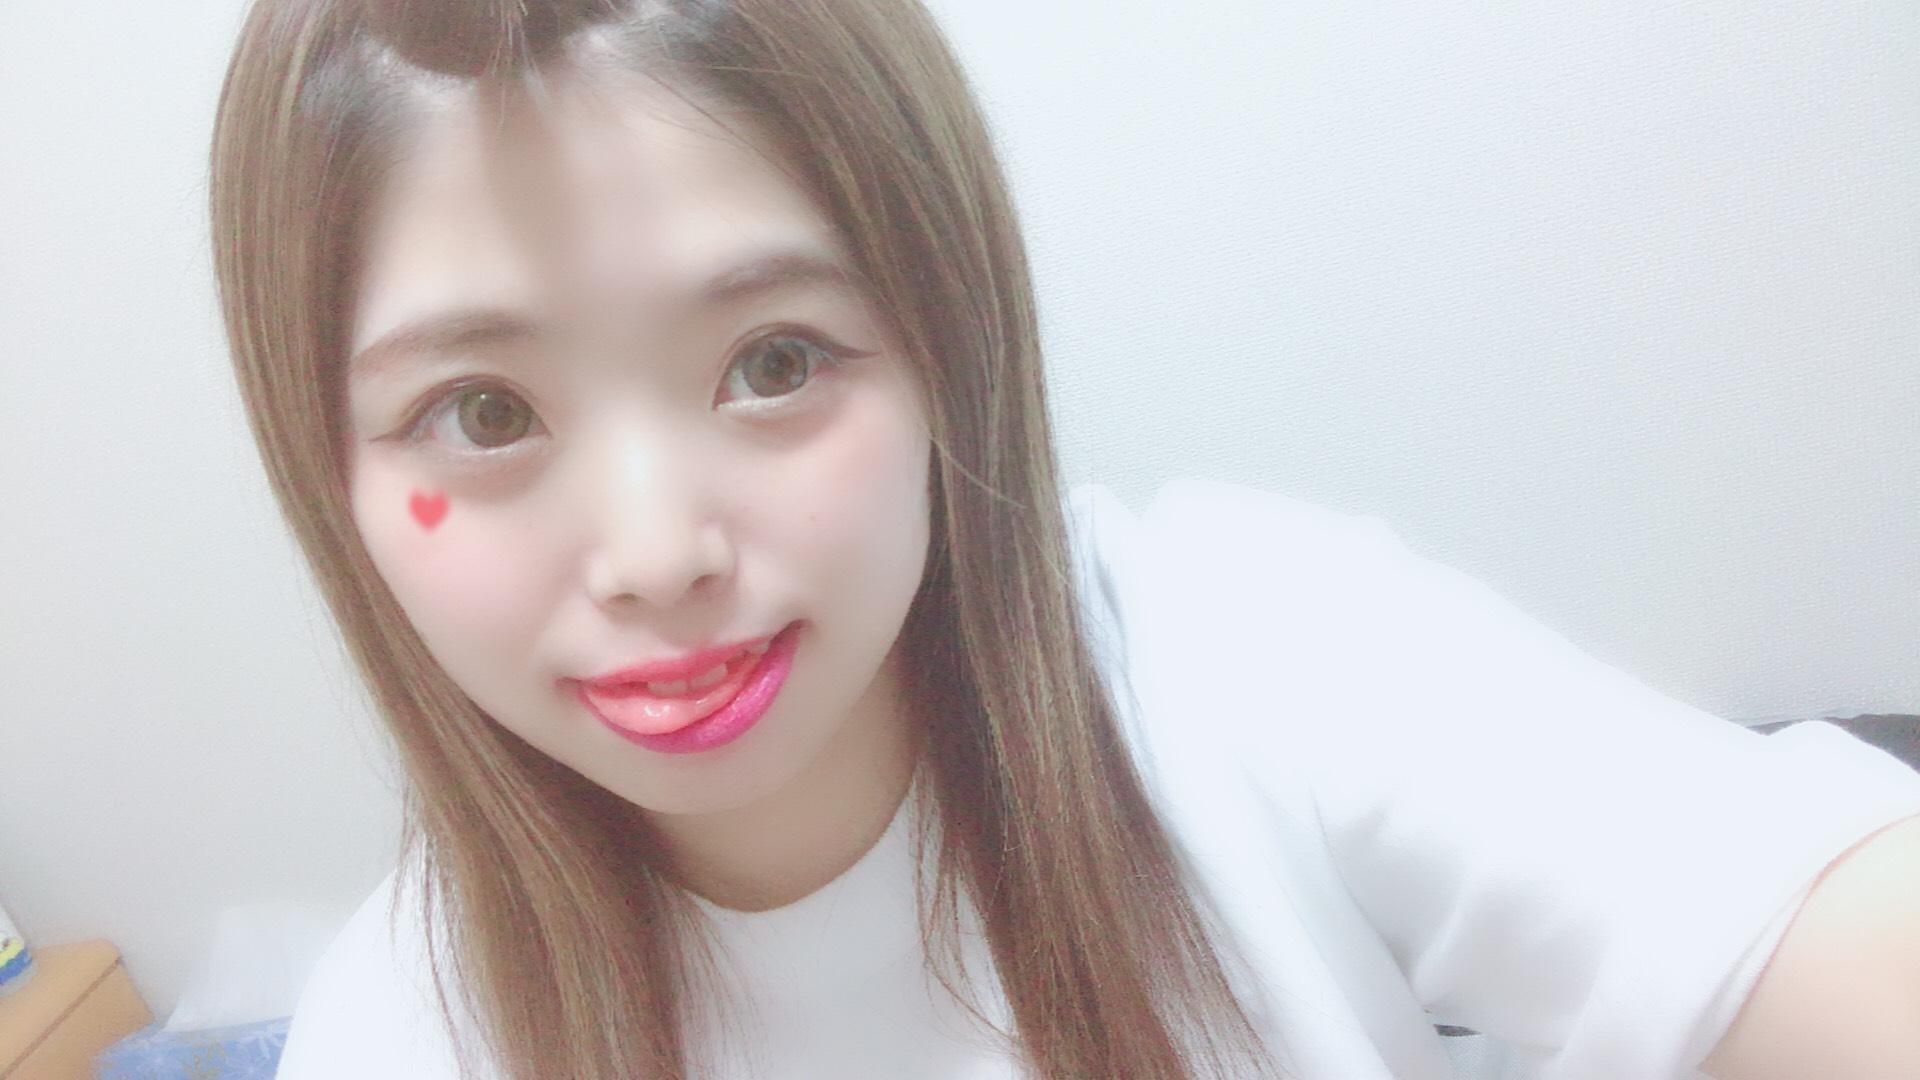 メロ「お礼♡♡」08/18(土) 02:29   メロの写メ・風俗動画